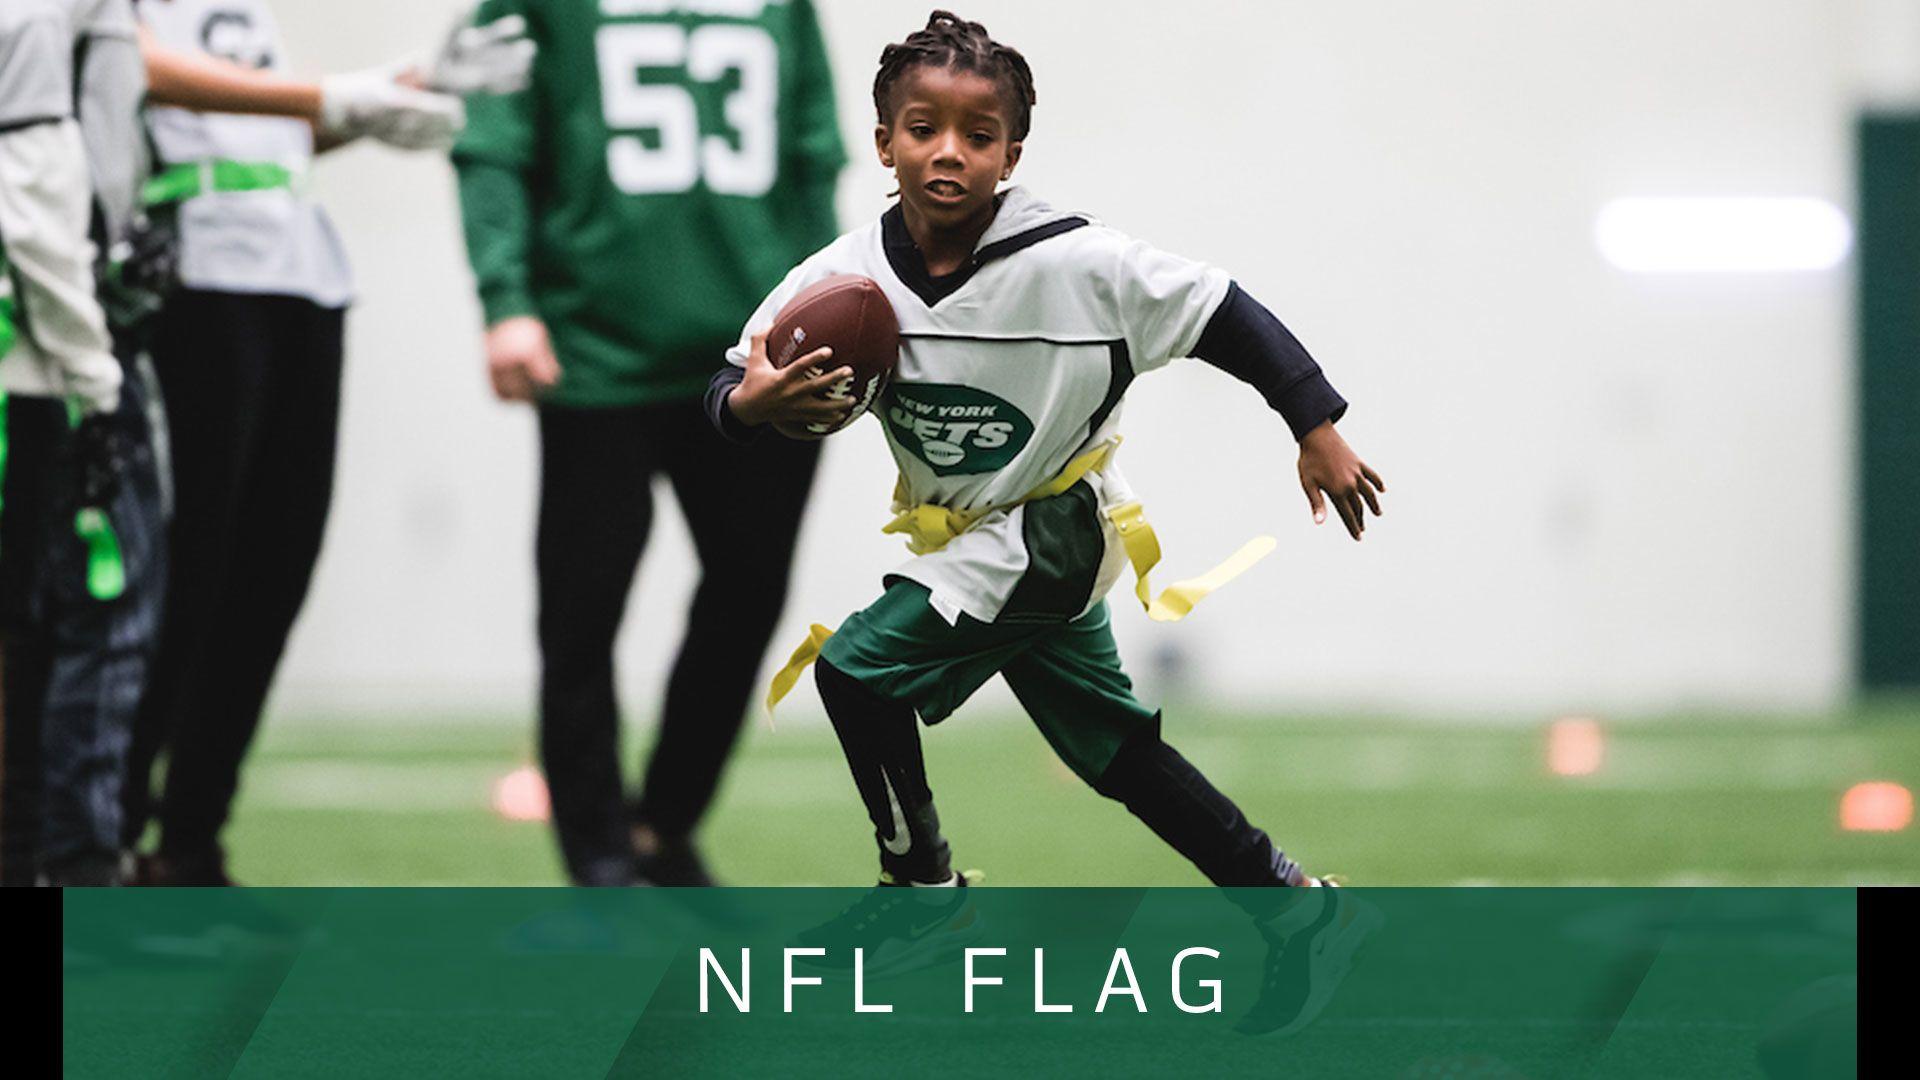 NFL-FLag